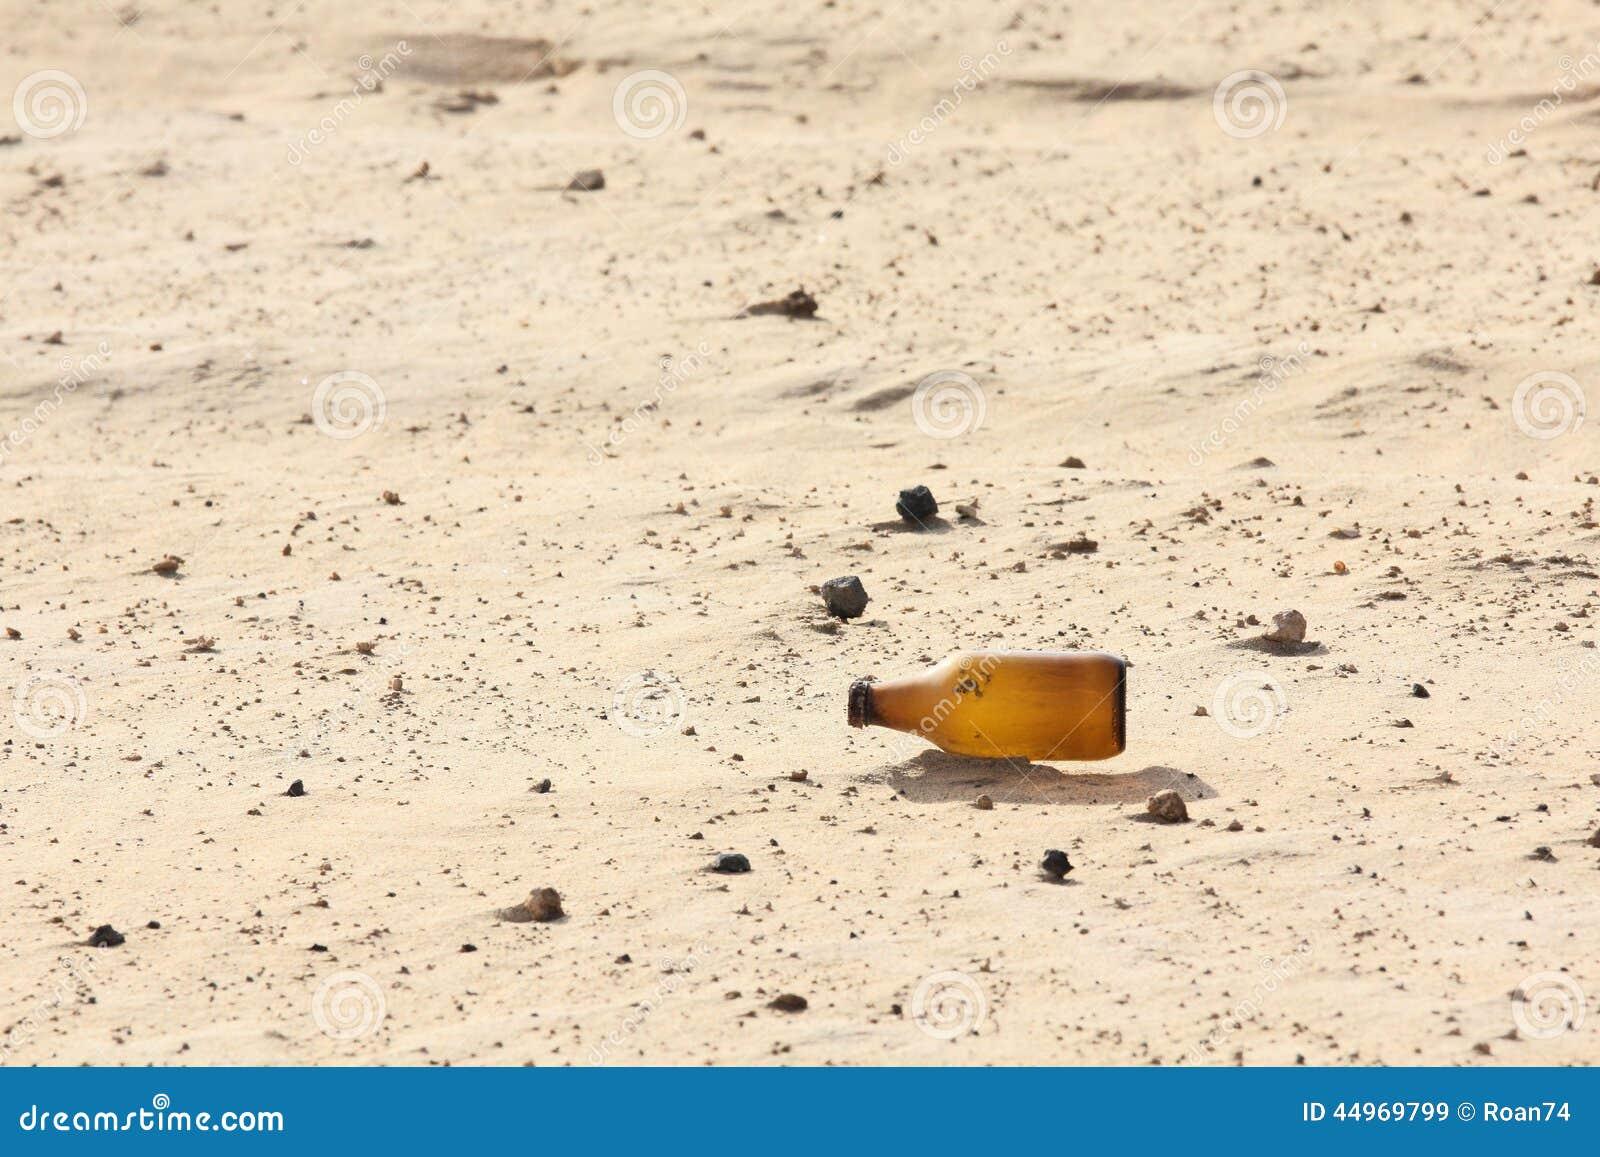 Empty Bottle In Desert Stock Photo - Image: 44969799